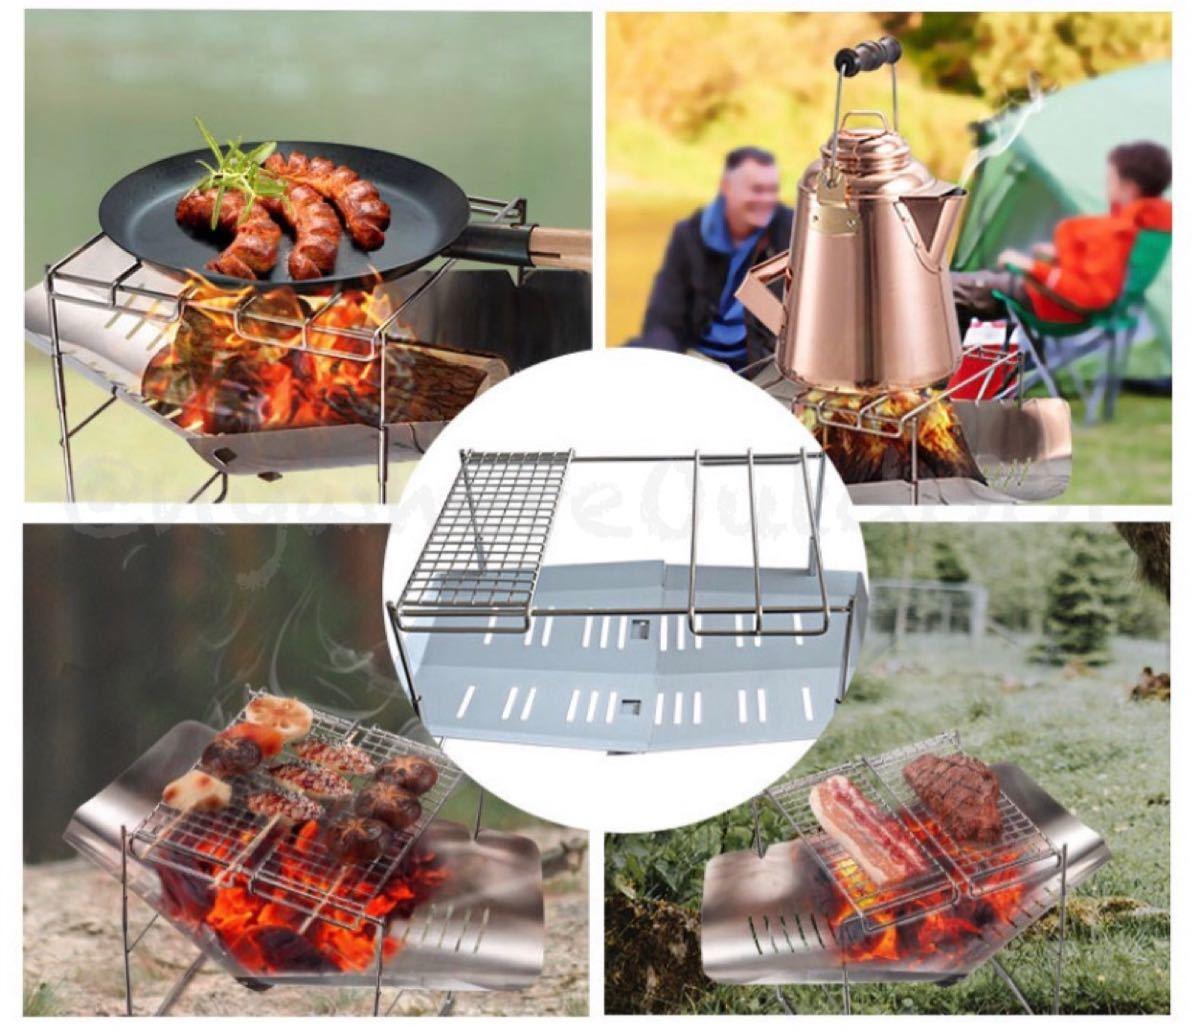 ロストル三本タイプ2枚セットアウトドア用品BBQ五徳焚き火台焼き網ステンレス軽量